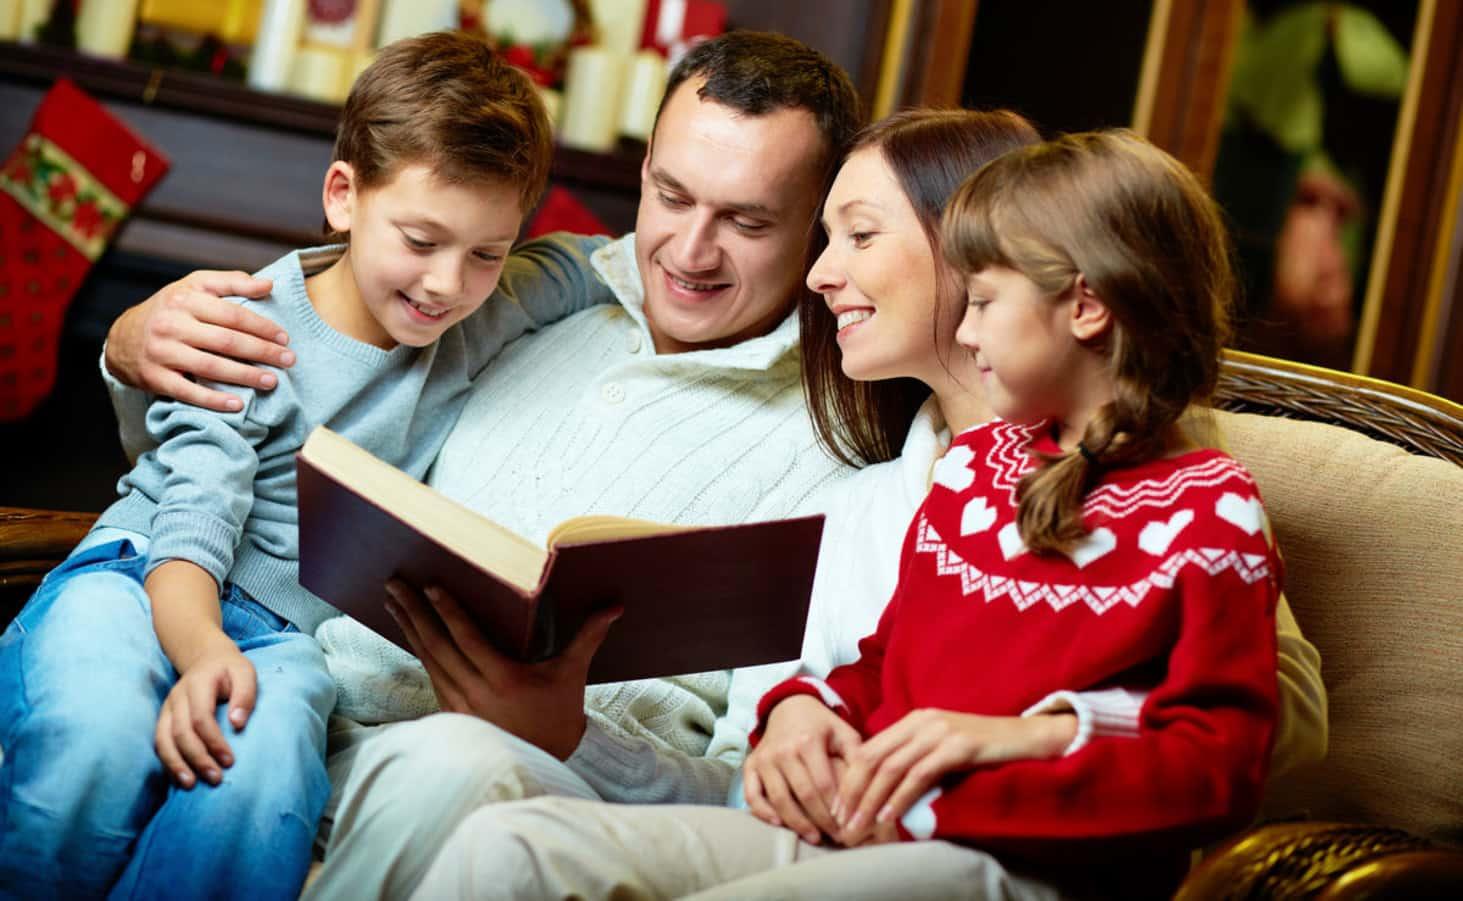 vshe-obrazovanie-roditelej-vliyaet-na-budushhee-detej